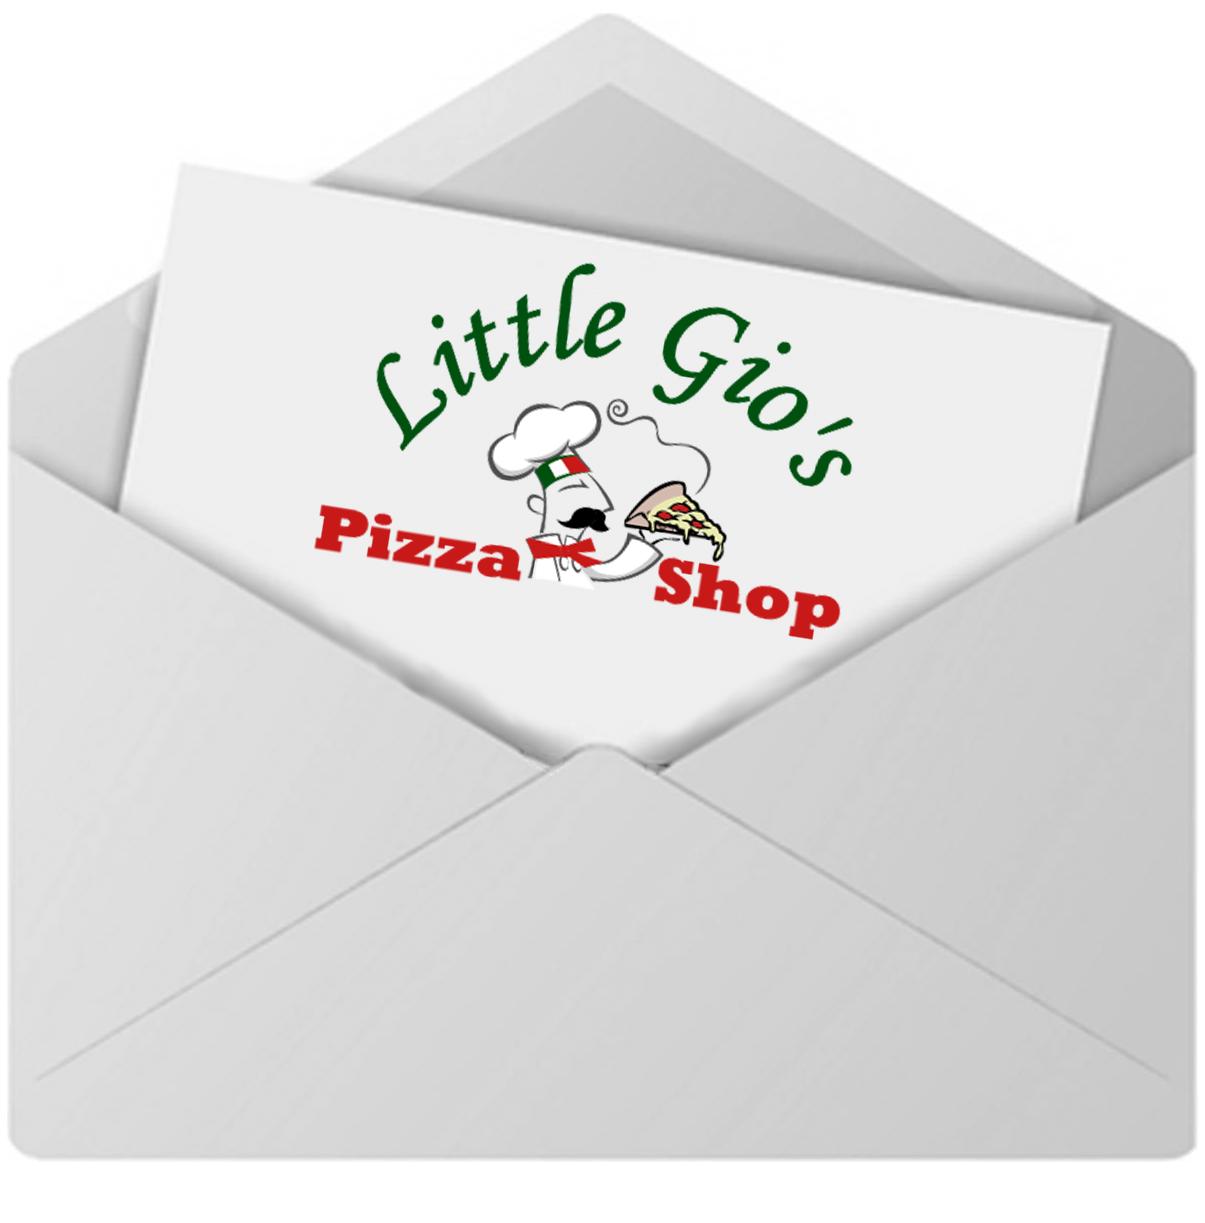 littlegio-email